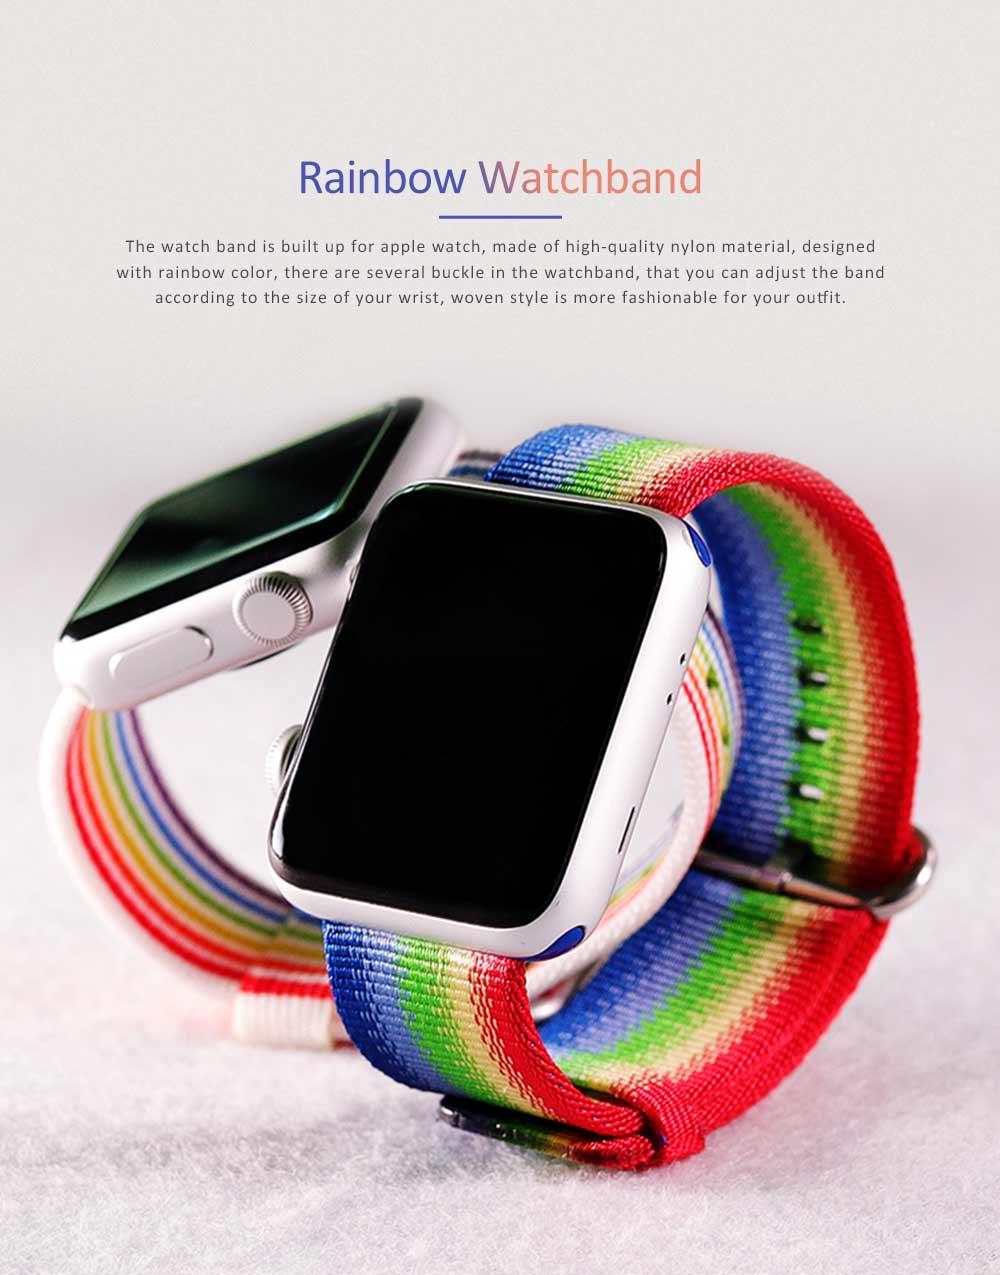 Rainbow Watch Band Nylon Band, Fashionable Watch-belt New Strap, Matching Apple Watch 38/42mm 0